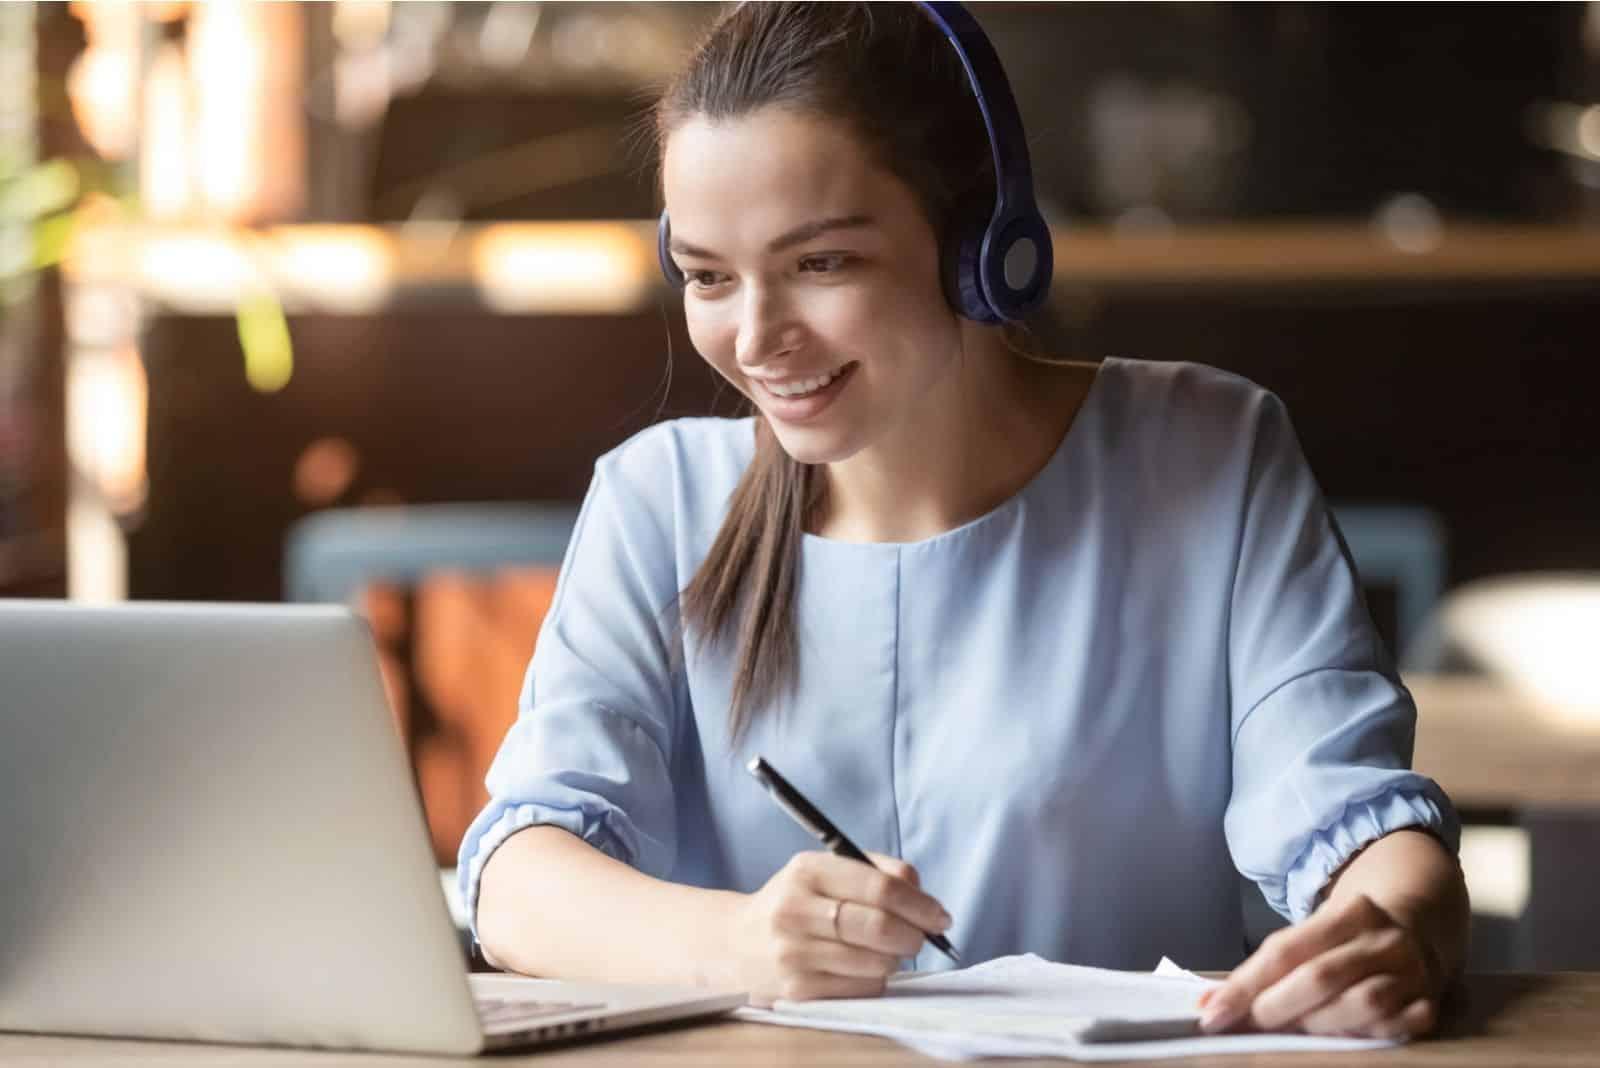 lächelnde Studentin Online lernen in einem Café